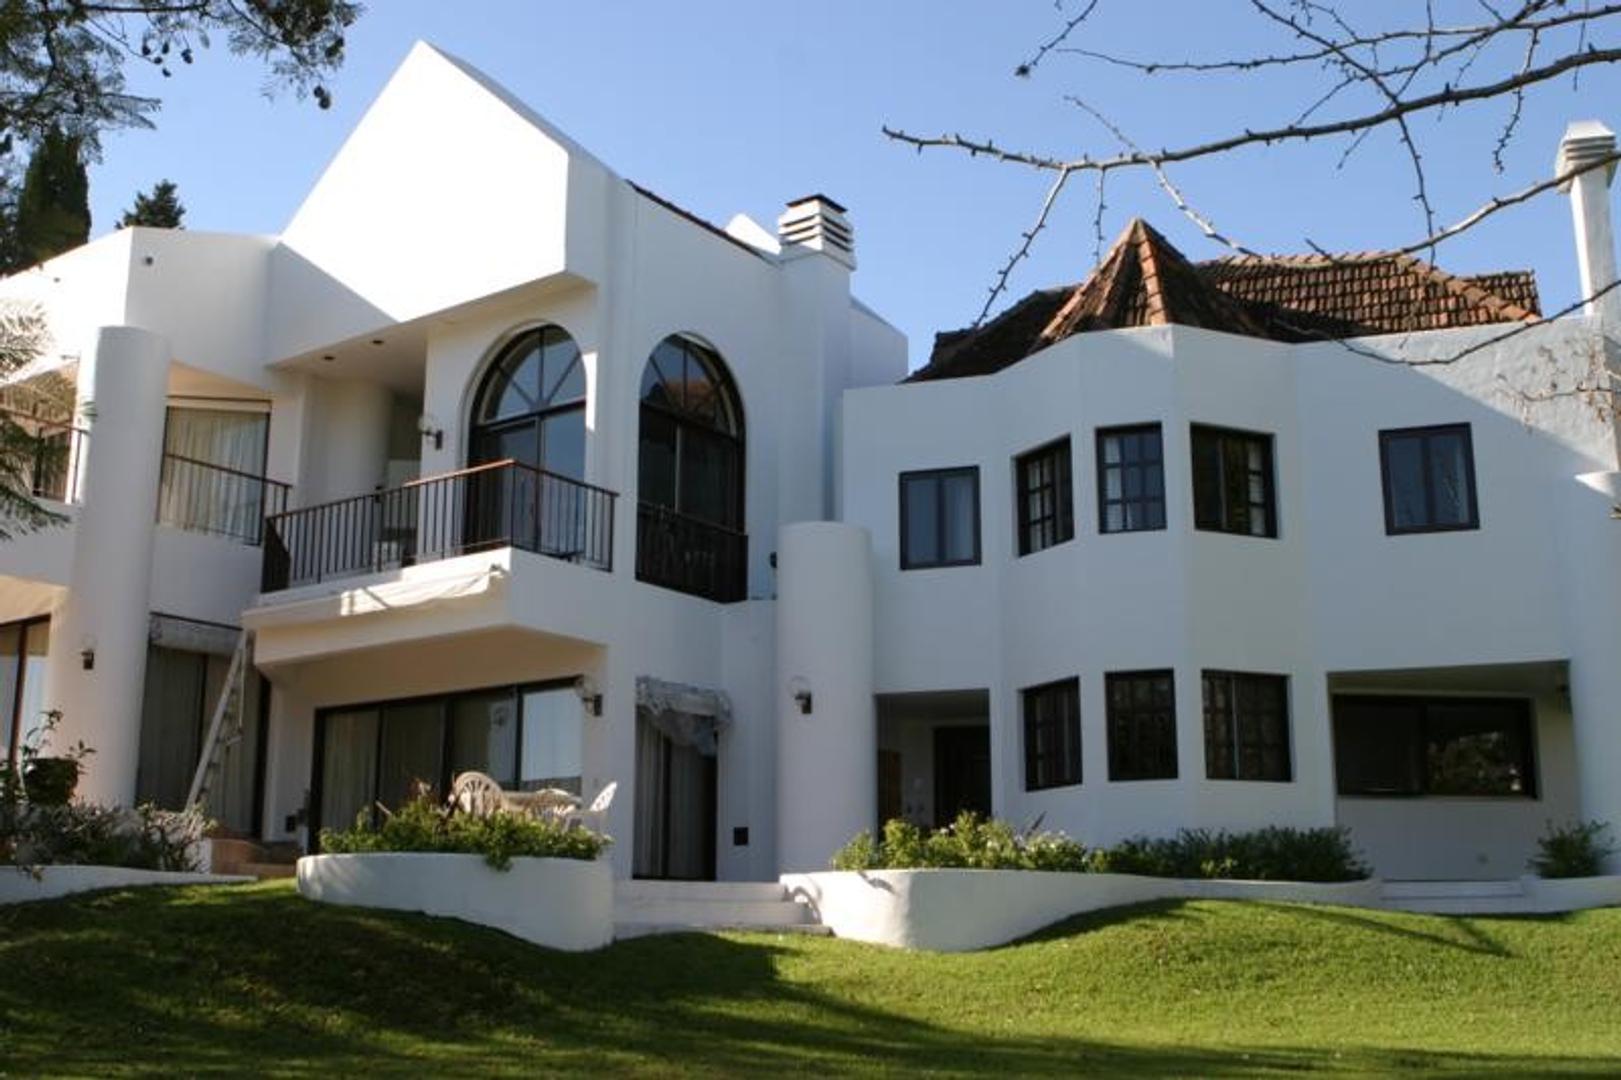 Casa en Venta en Countries y Barrios Cerrados San Isidro - 5 ambientes